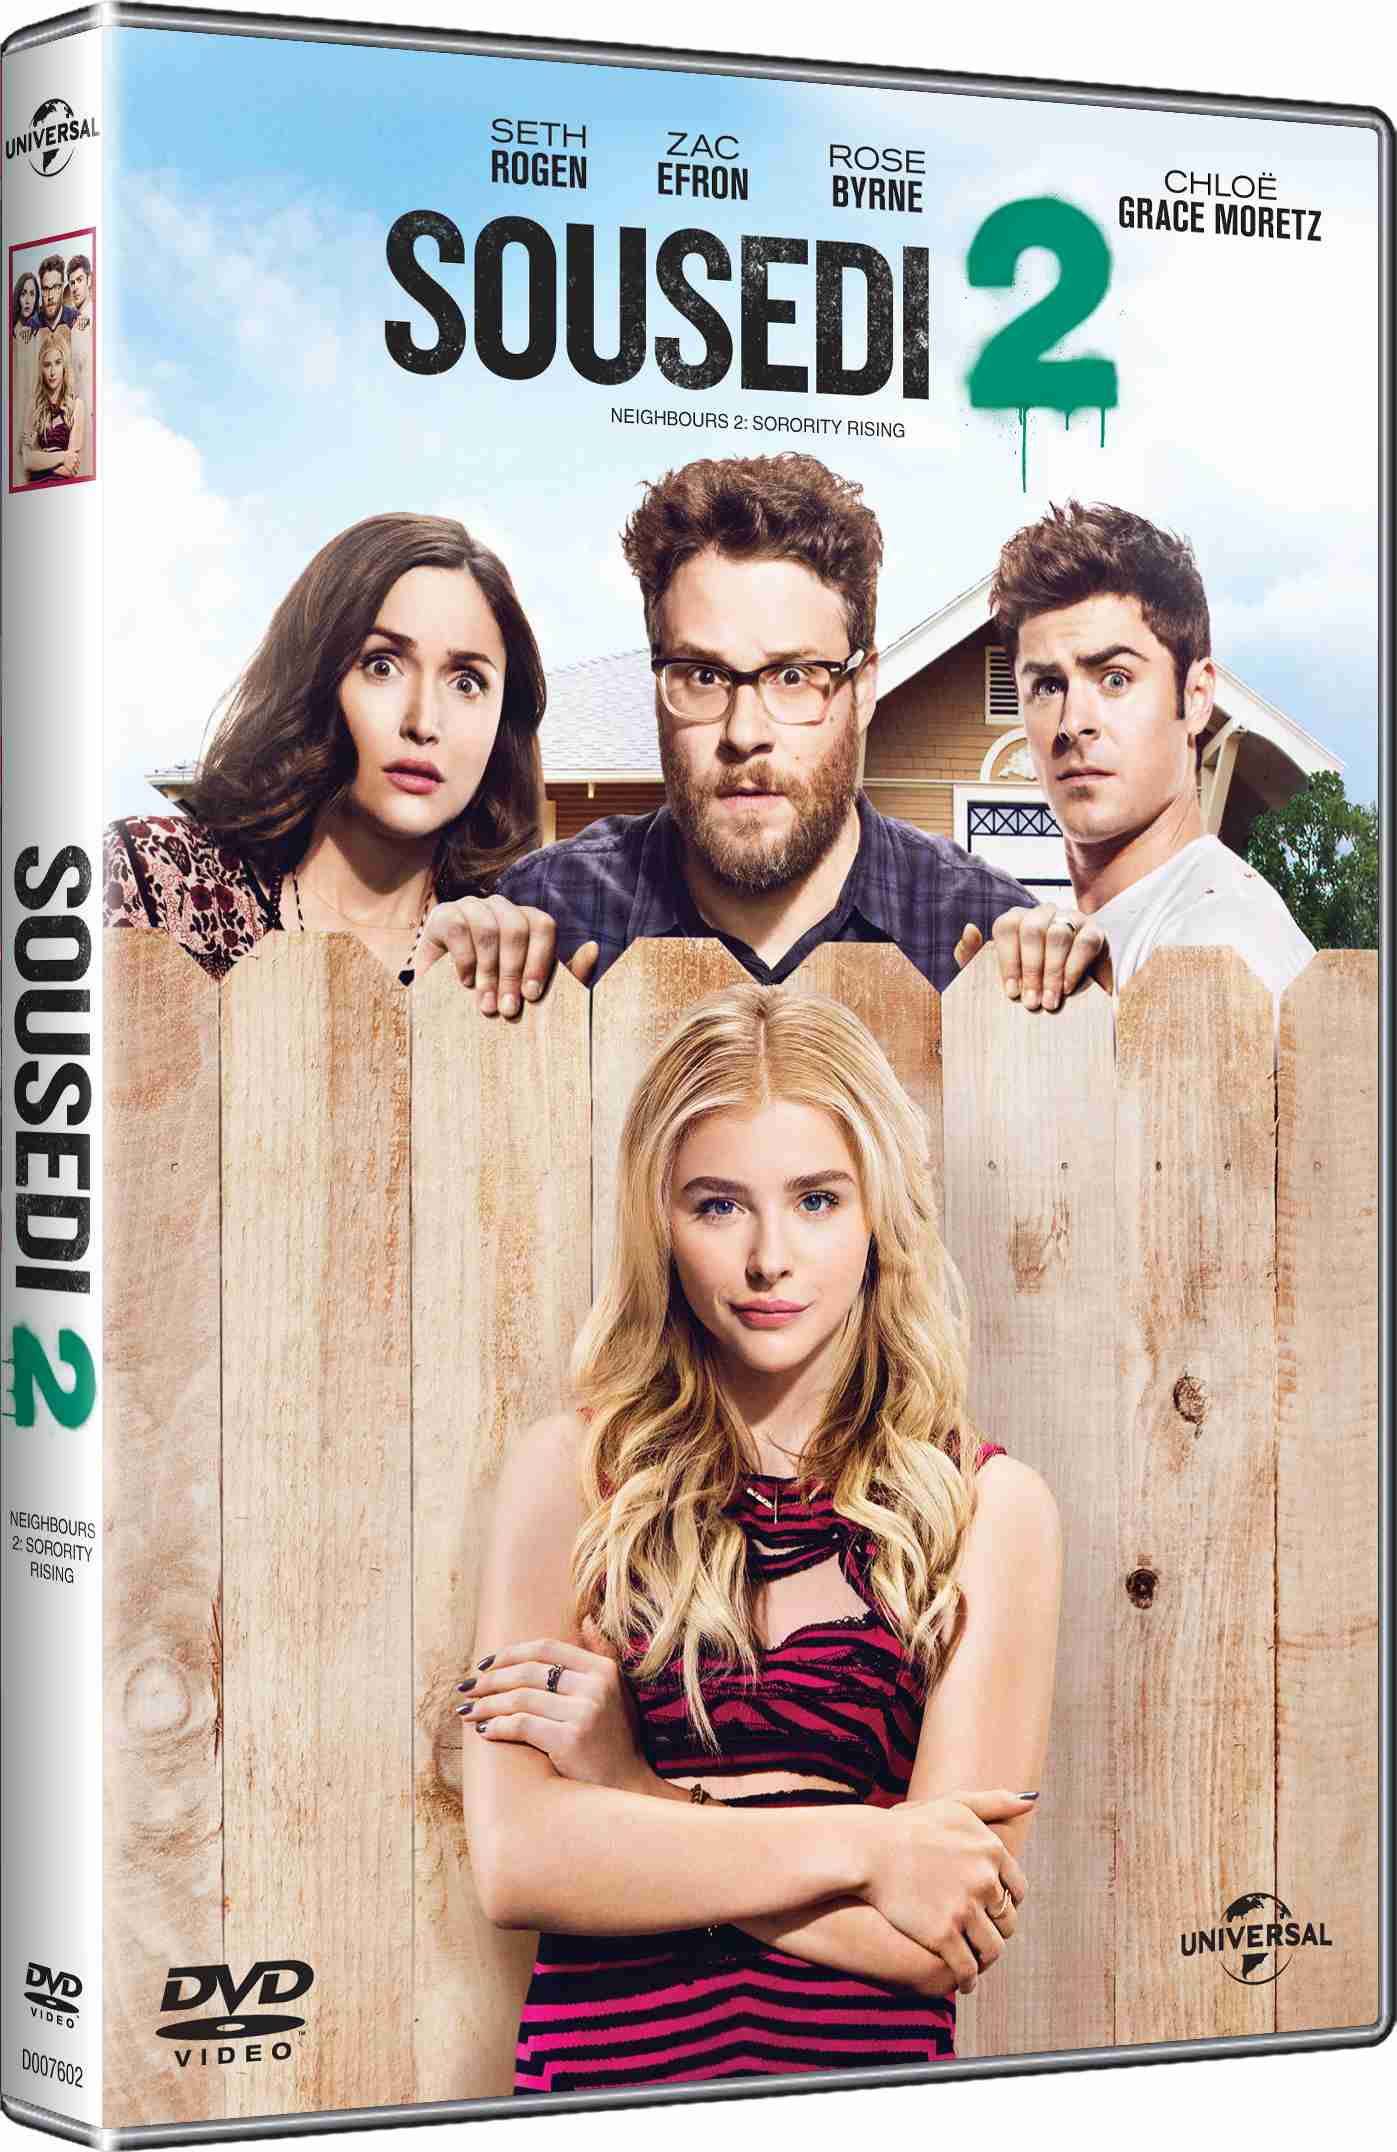 SOUSEDI 2 - DVD